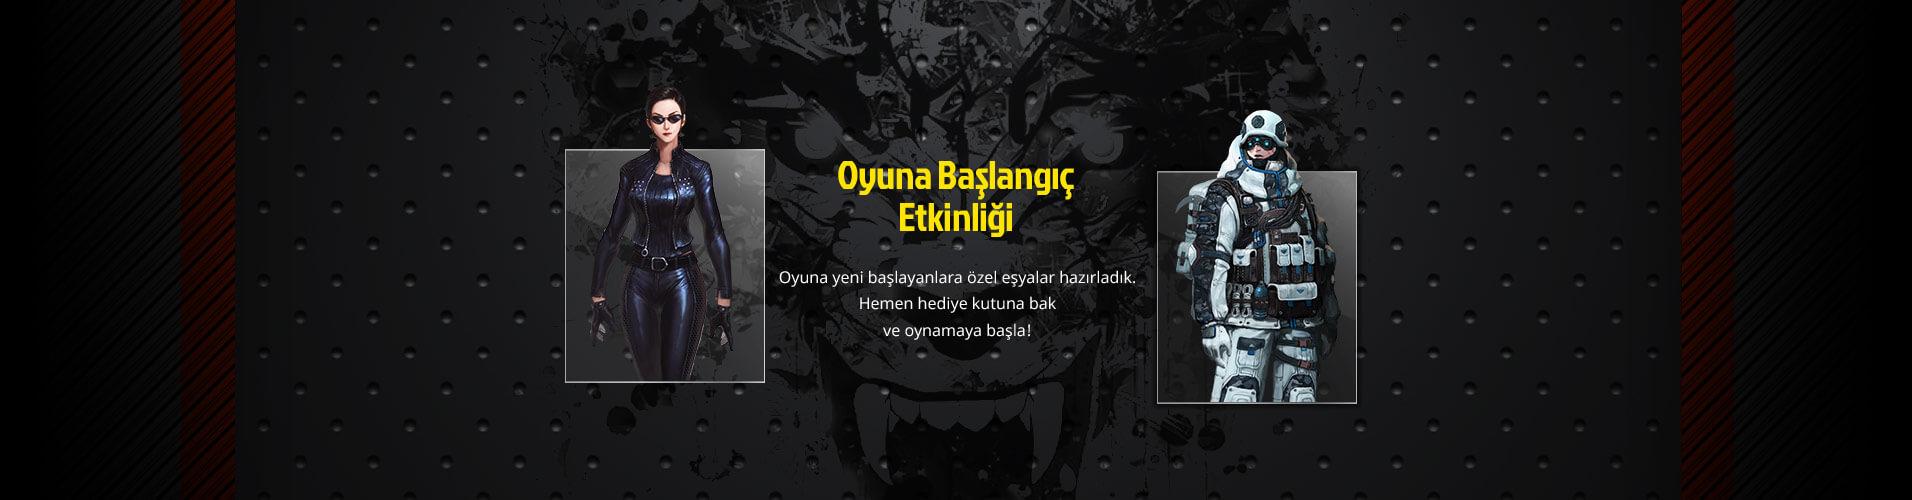 Oyuna Başlangıç Etkinliği (Ağustos 2016)